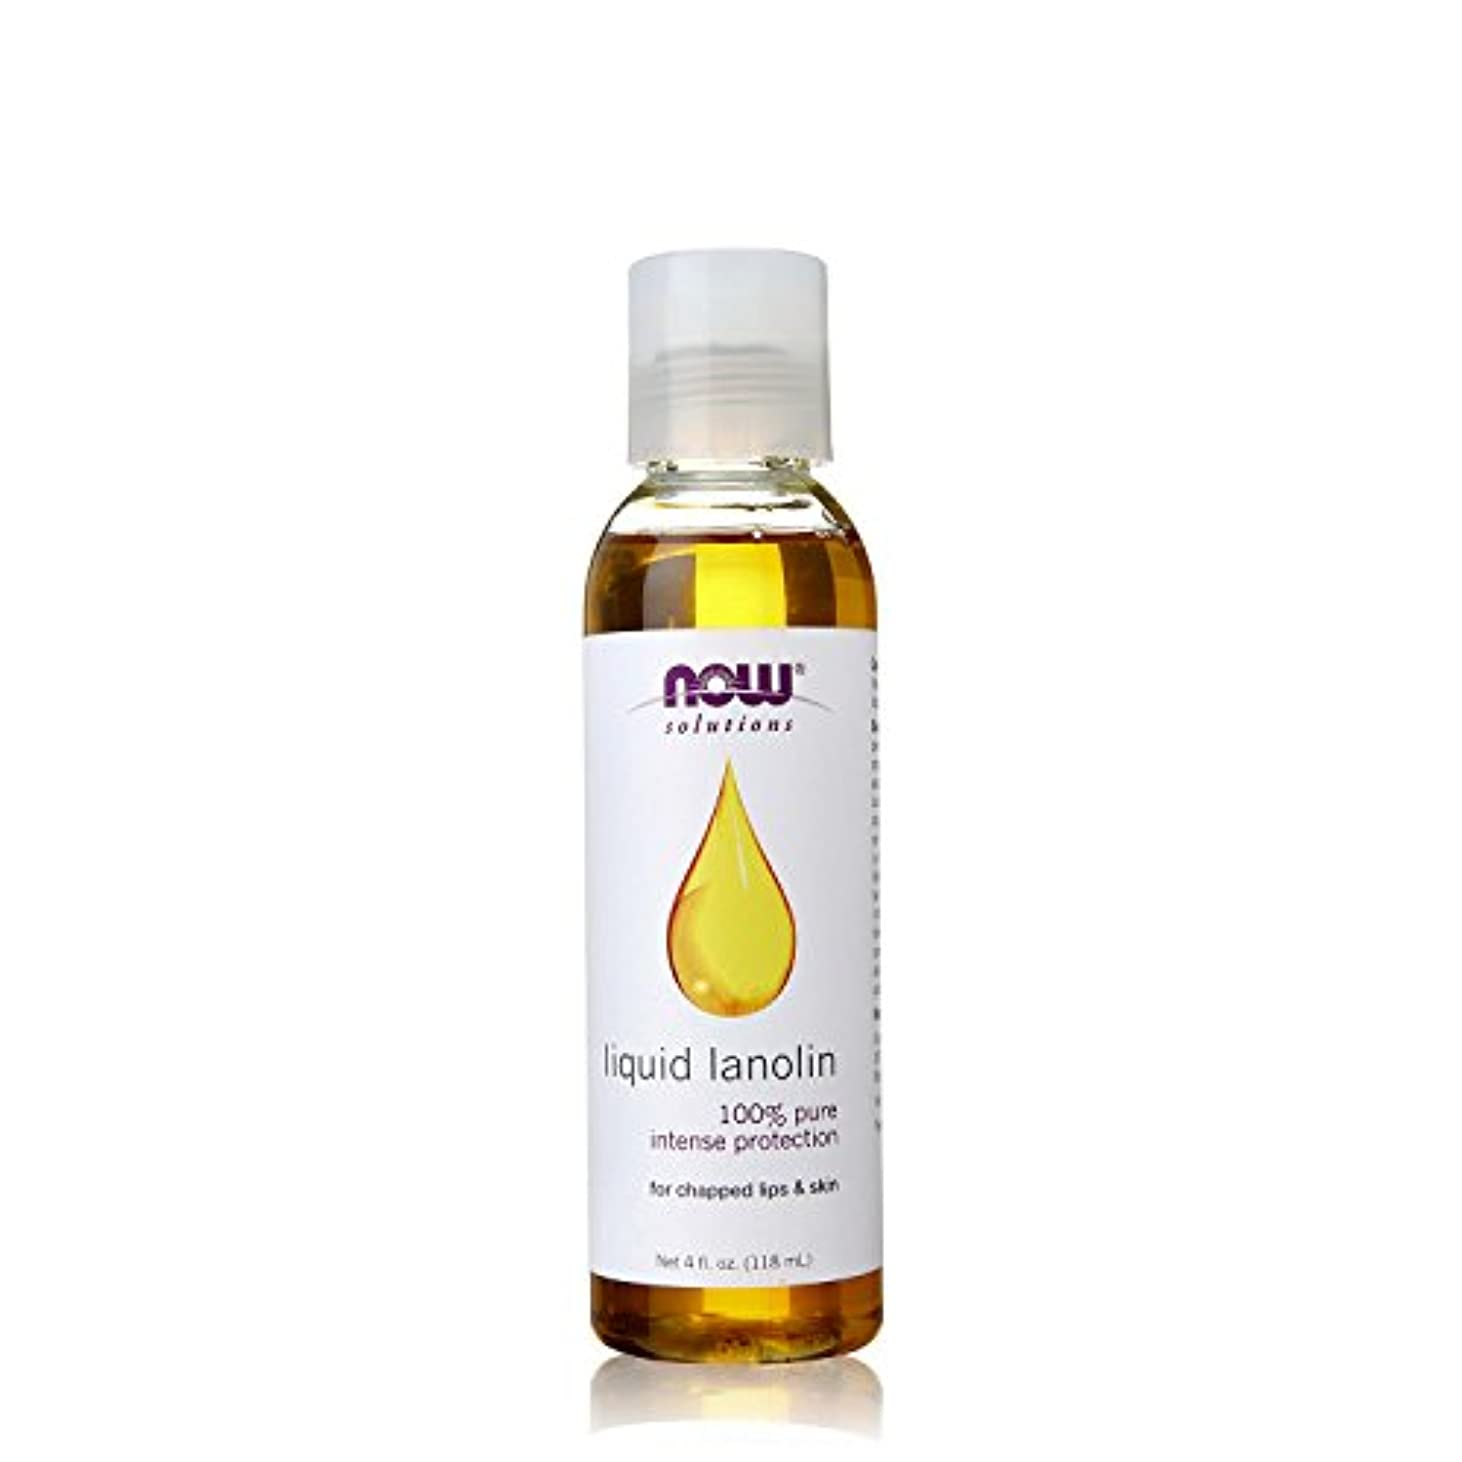 効率衝動不公平NOW Foods - 液体のラノリン 100% Pureの - 4ポンド [並行輸入品]